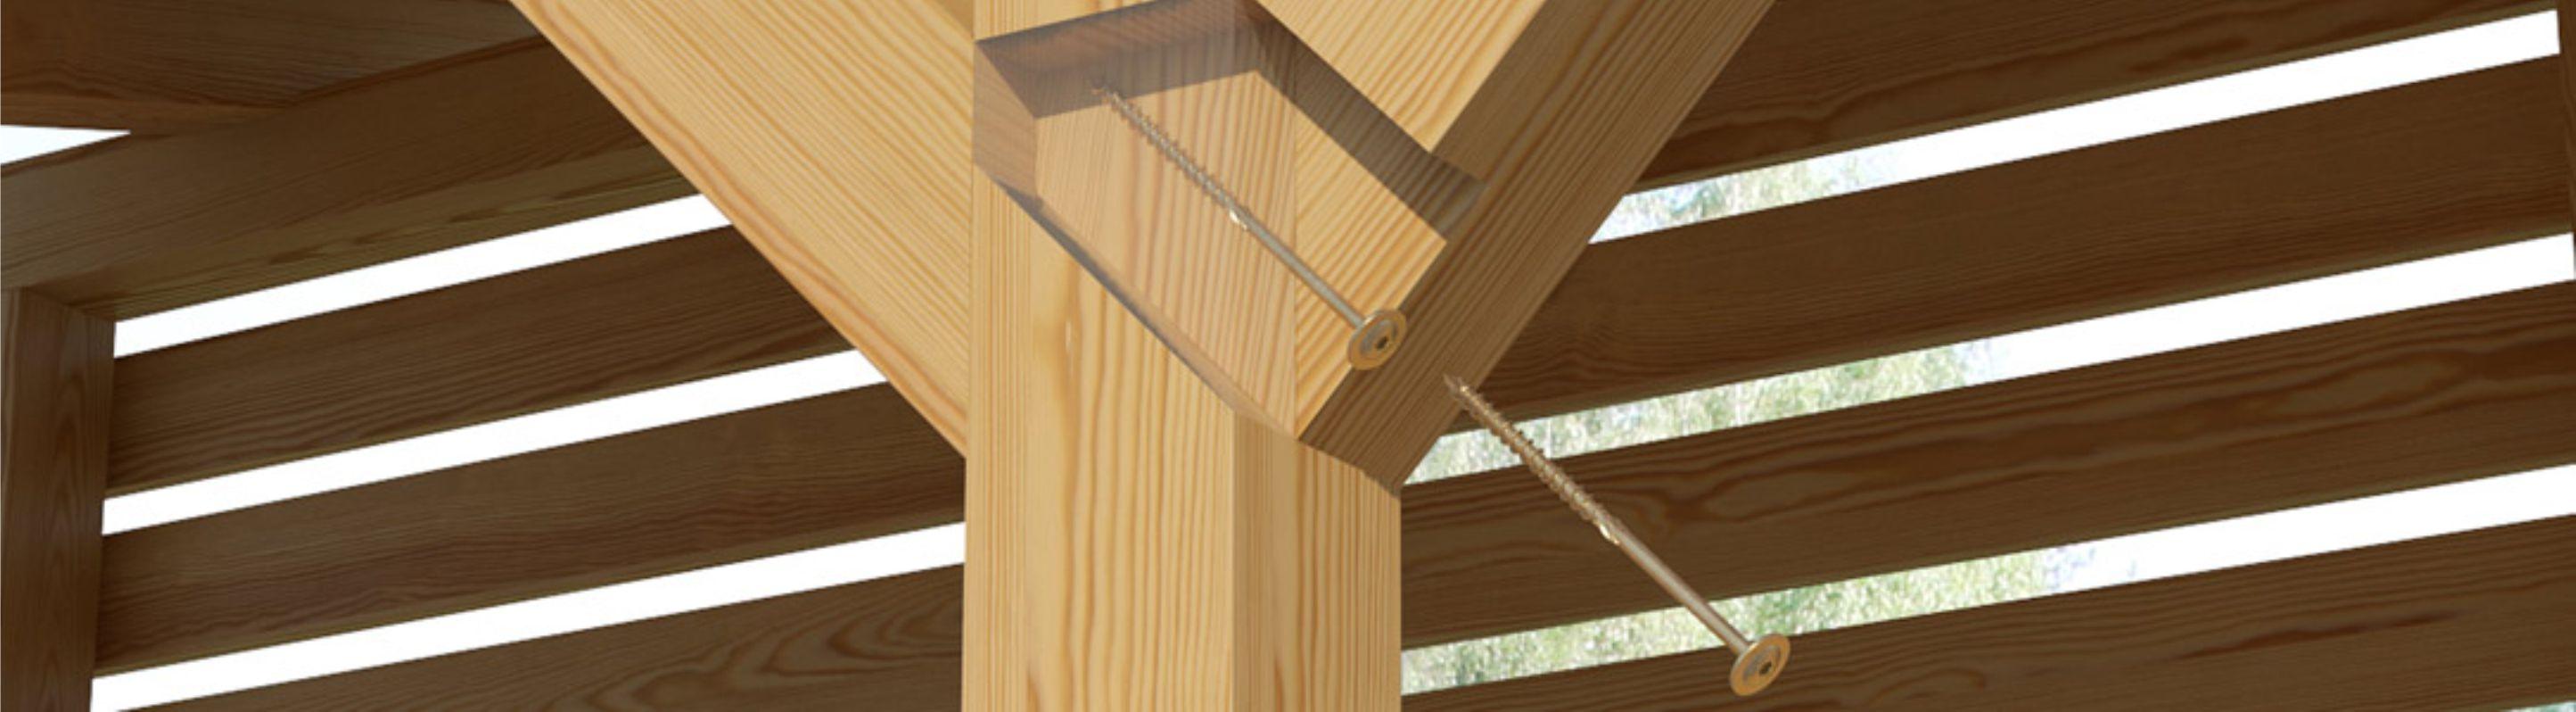 wkrety-ciesielskie-wkcp-i-wkcs-szybki-i-latwy-montaz-drewnianych-elementow-konstrukcyjnych